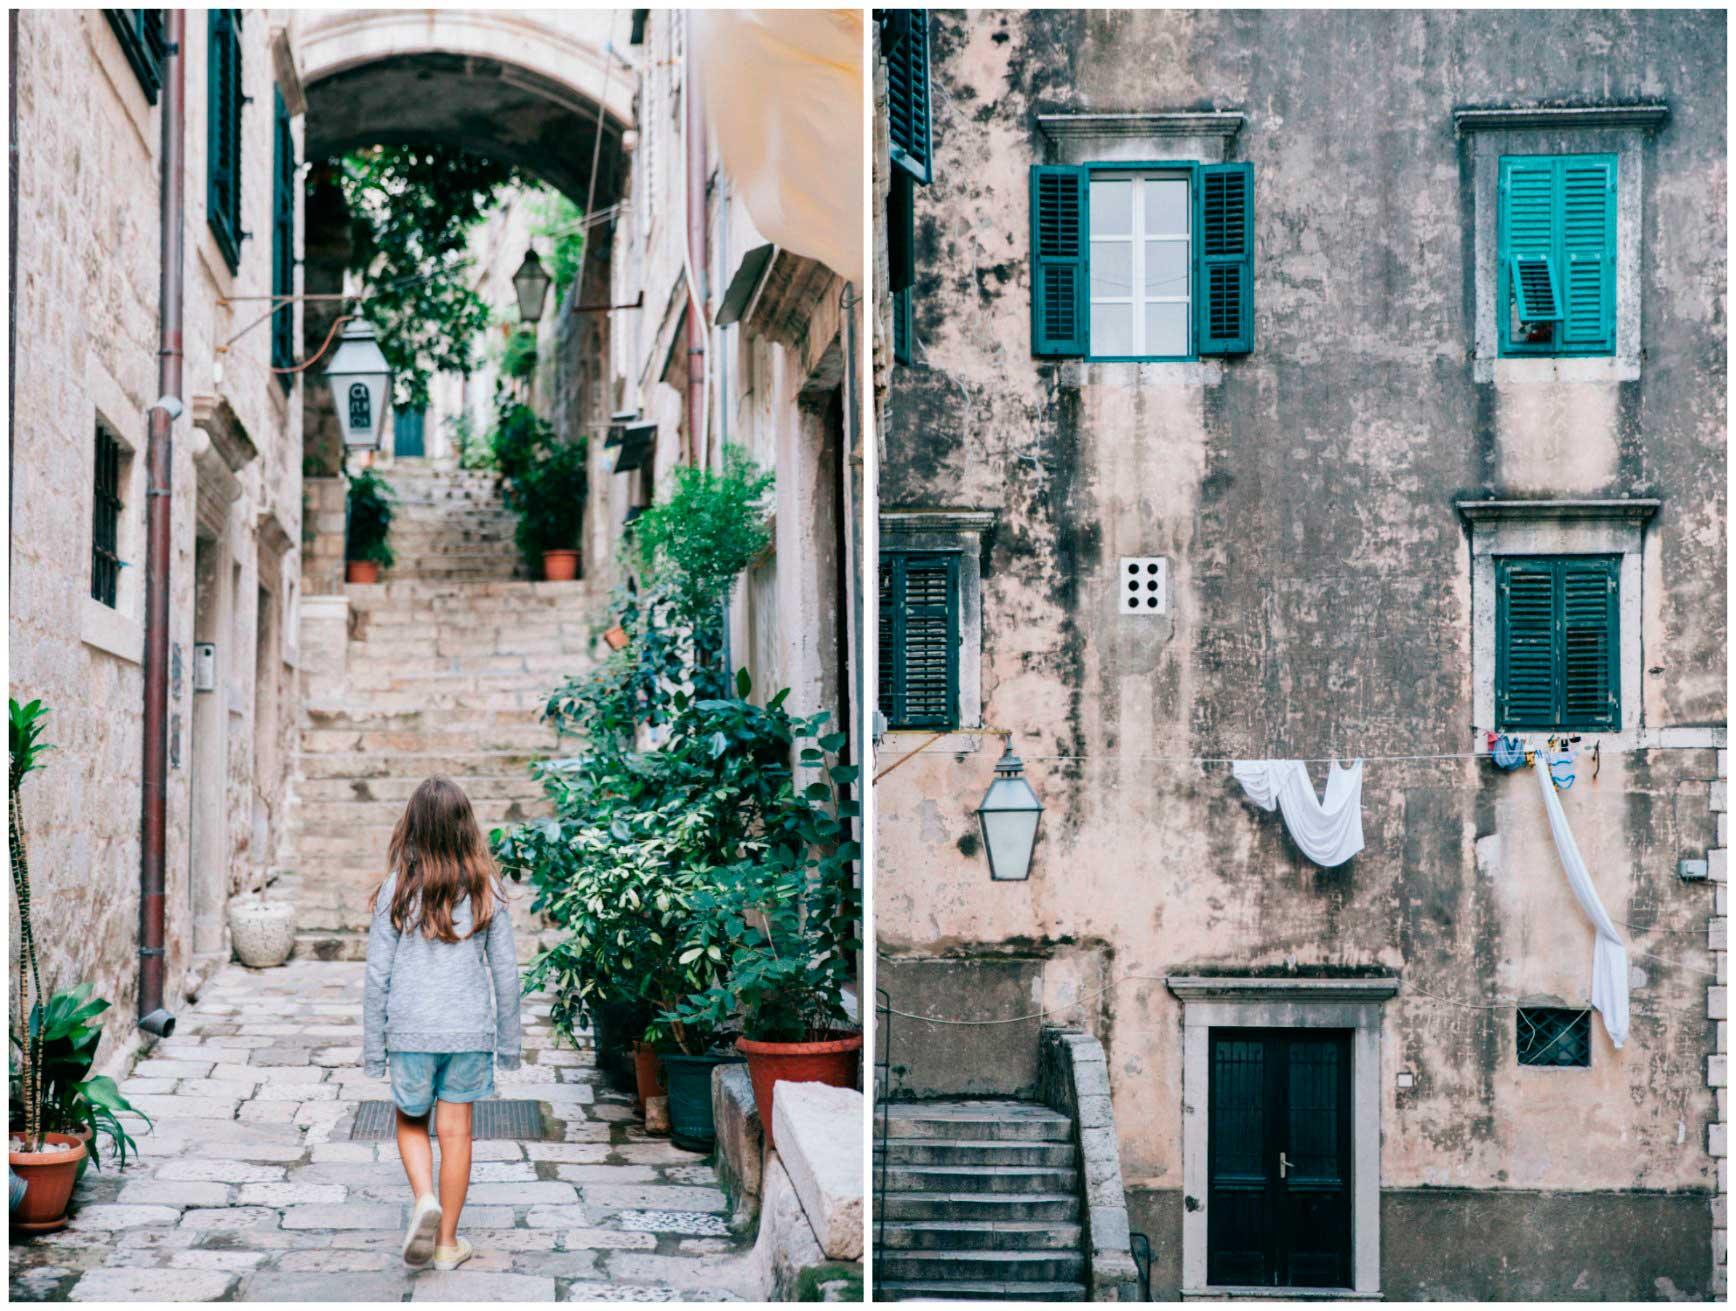 Dubrovnik-claraBmartin-02